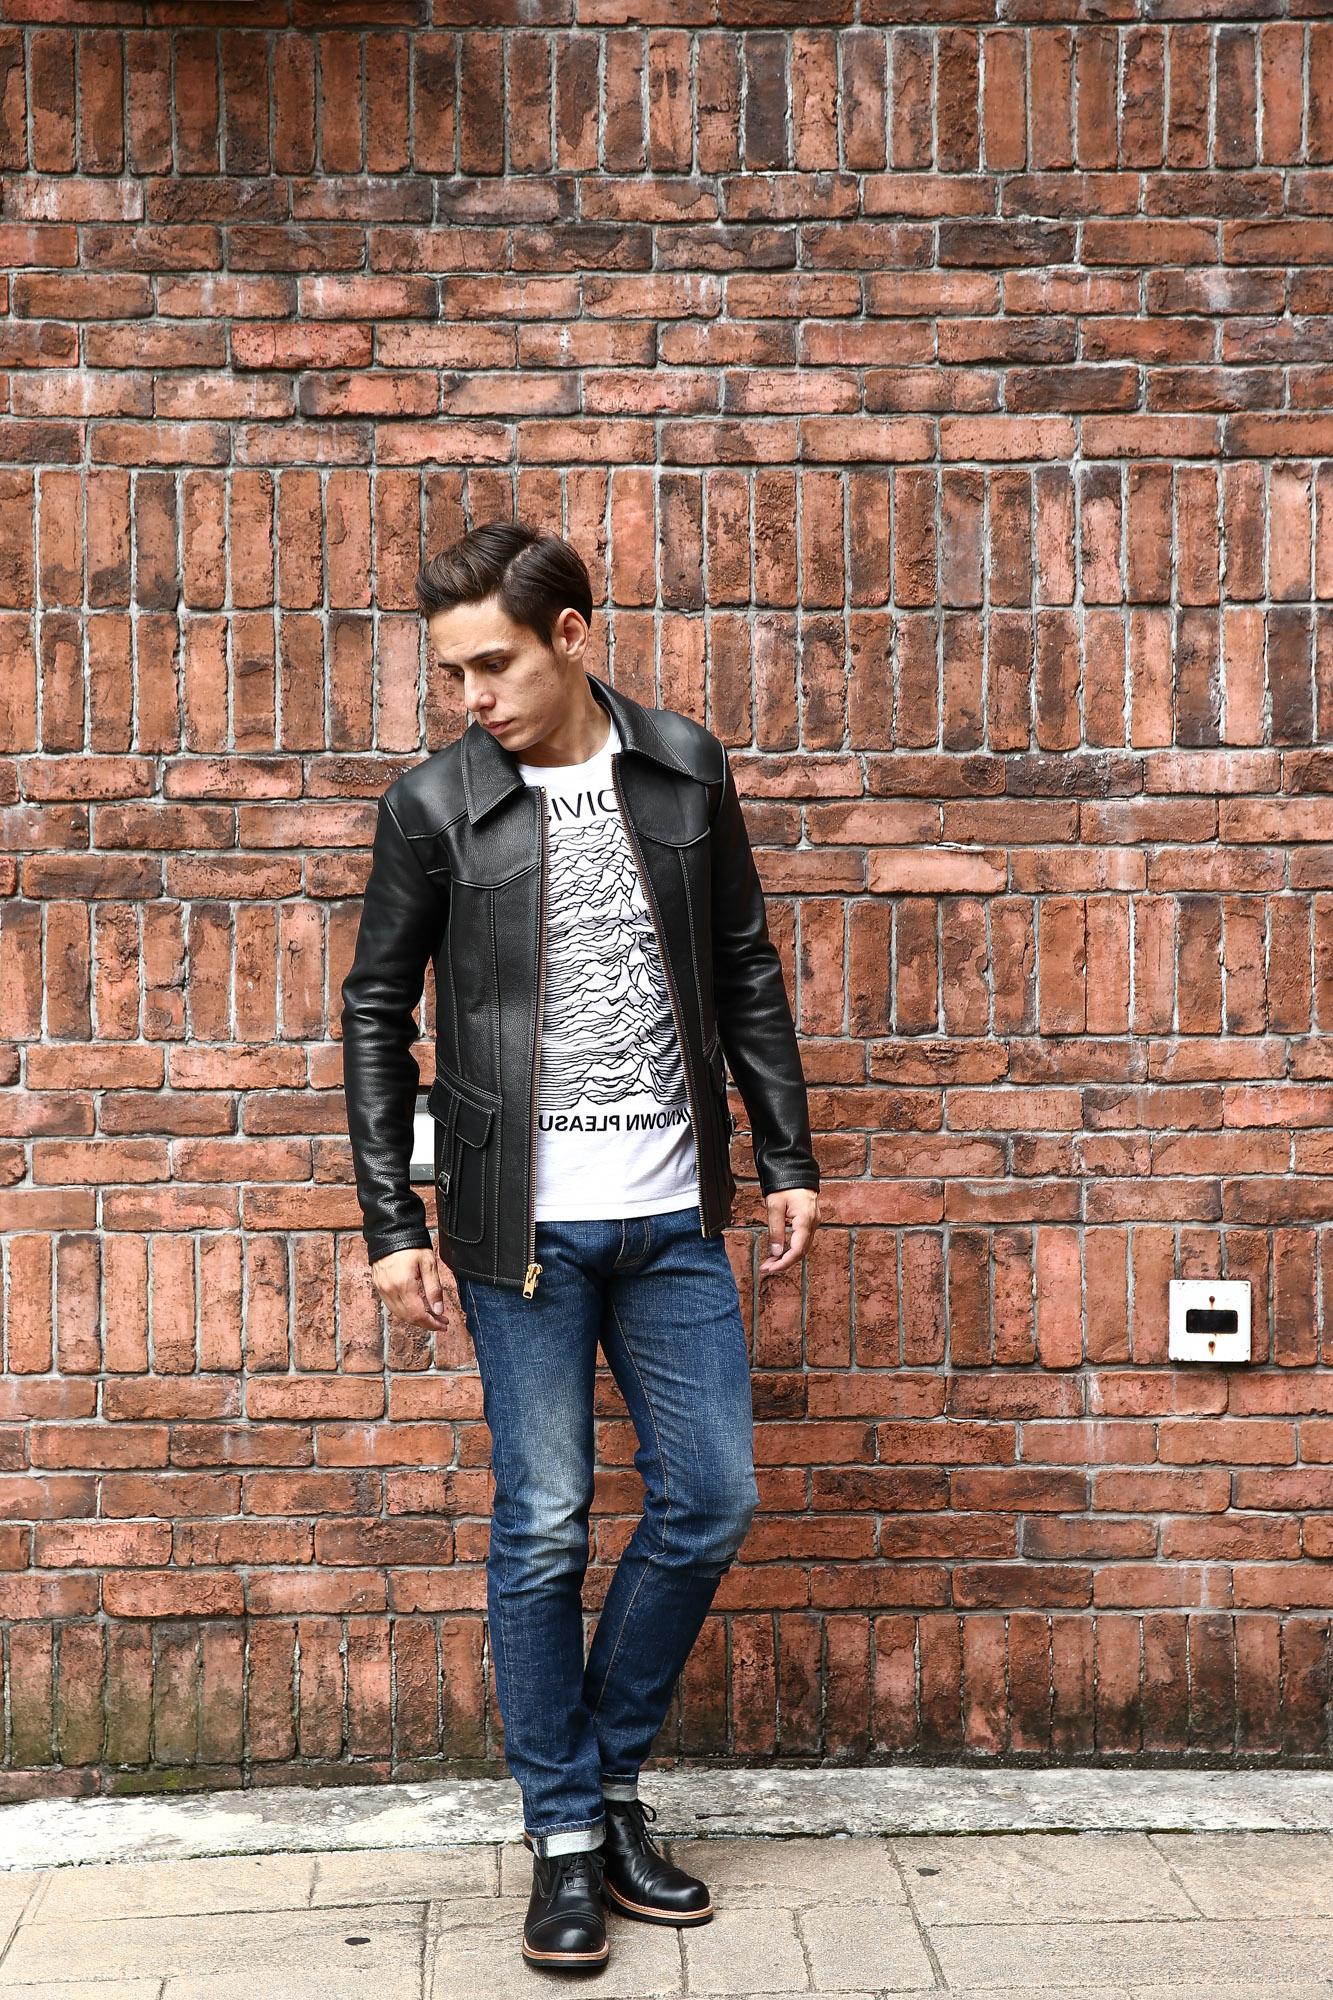 JULIANBOOTS ジュリアンブーツ BOWERY BOOTS バワリーブーツ WACTH MAKER ウォッチメーカー のコーディネート写真。 South Paradiso Leather(サウスパラディソレザー) East West イーストウエスト SMOKE スモーク レザージャケット BLACK(ブラック) のコーディネート画像。70年代当時の細身のスタイルを採用し、サイズ感はかなりタイトに仕上がっており、Tシャツの上に羽織る形のサイジング。